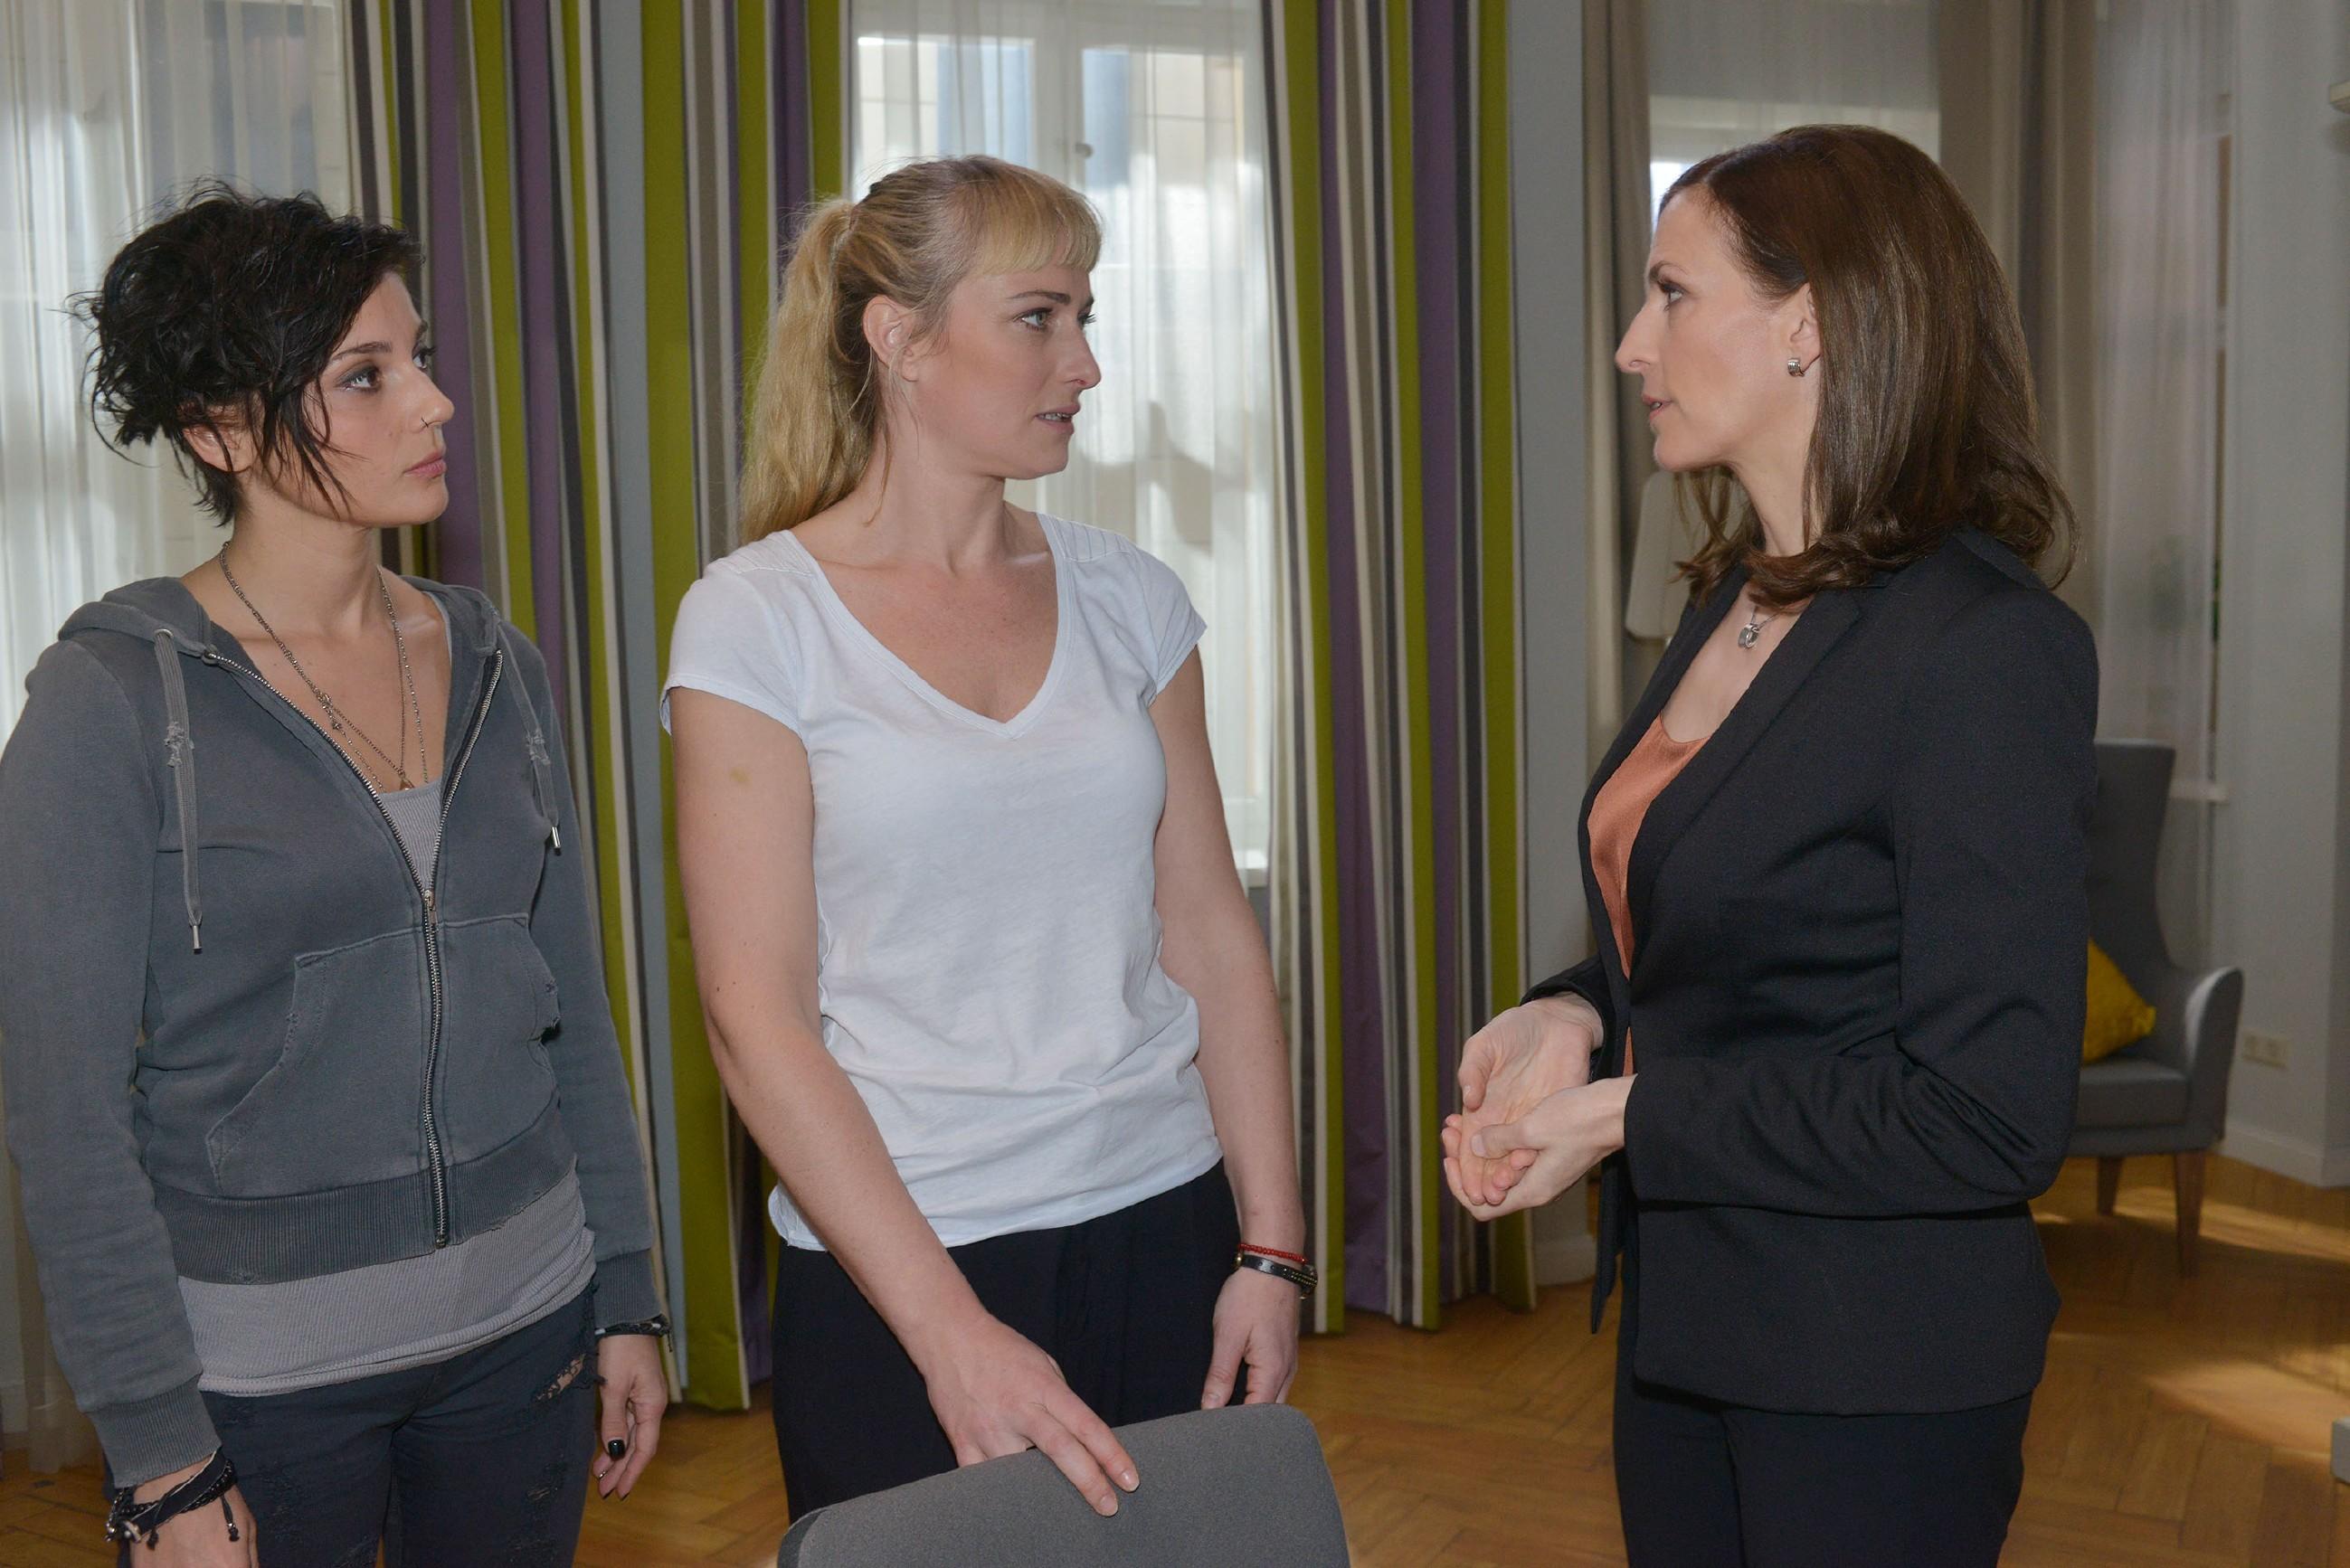 Anni (Linda Marlen Runge, l.) und Maren (Eva Mona Rodekirchen, M.) fordern, dass Katrin (Ulrike Frank) ihre Intrige um David beendet. Im Streit merken die drei zu spät, dass sie einen unliebsamen Zuhörer haben... (Quelle: RTL / Rolf Baumgartner)